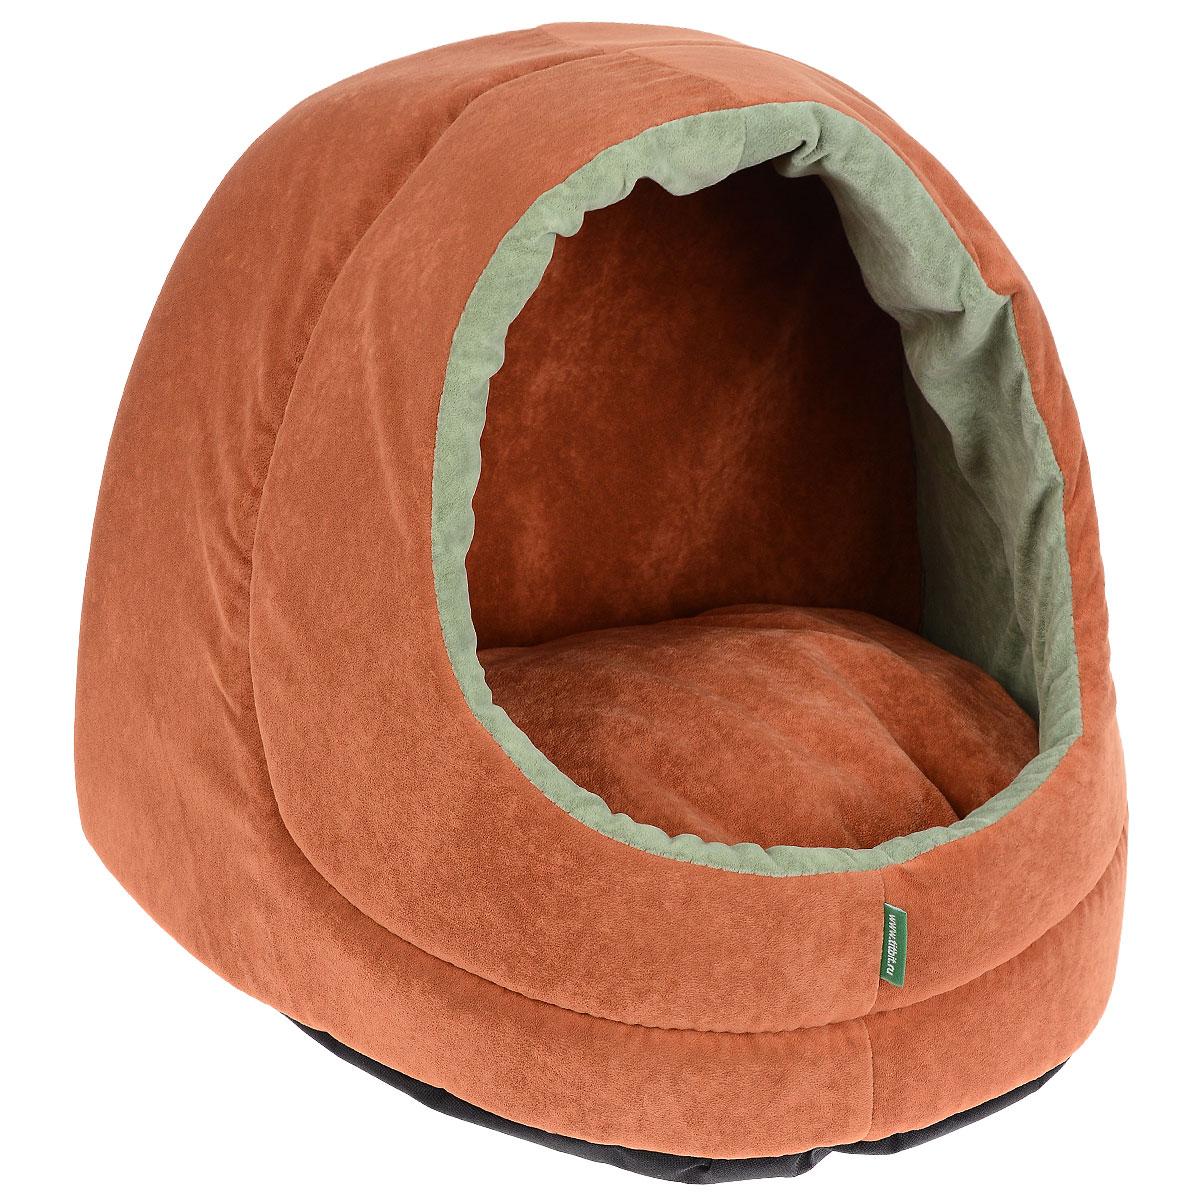 Домик для кошек и собак Titbit, цвет: оранжевый, 35 см х 40 см х 35 см домик для кошек и собак titbit с игрушкой цвет рыжий 43 см х 43 см х 40 см